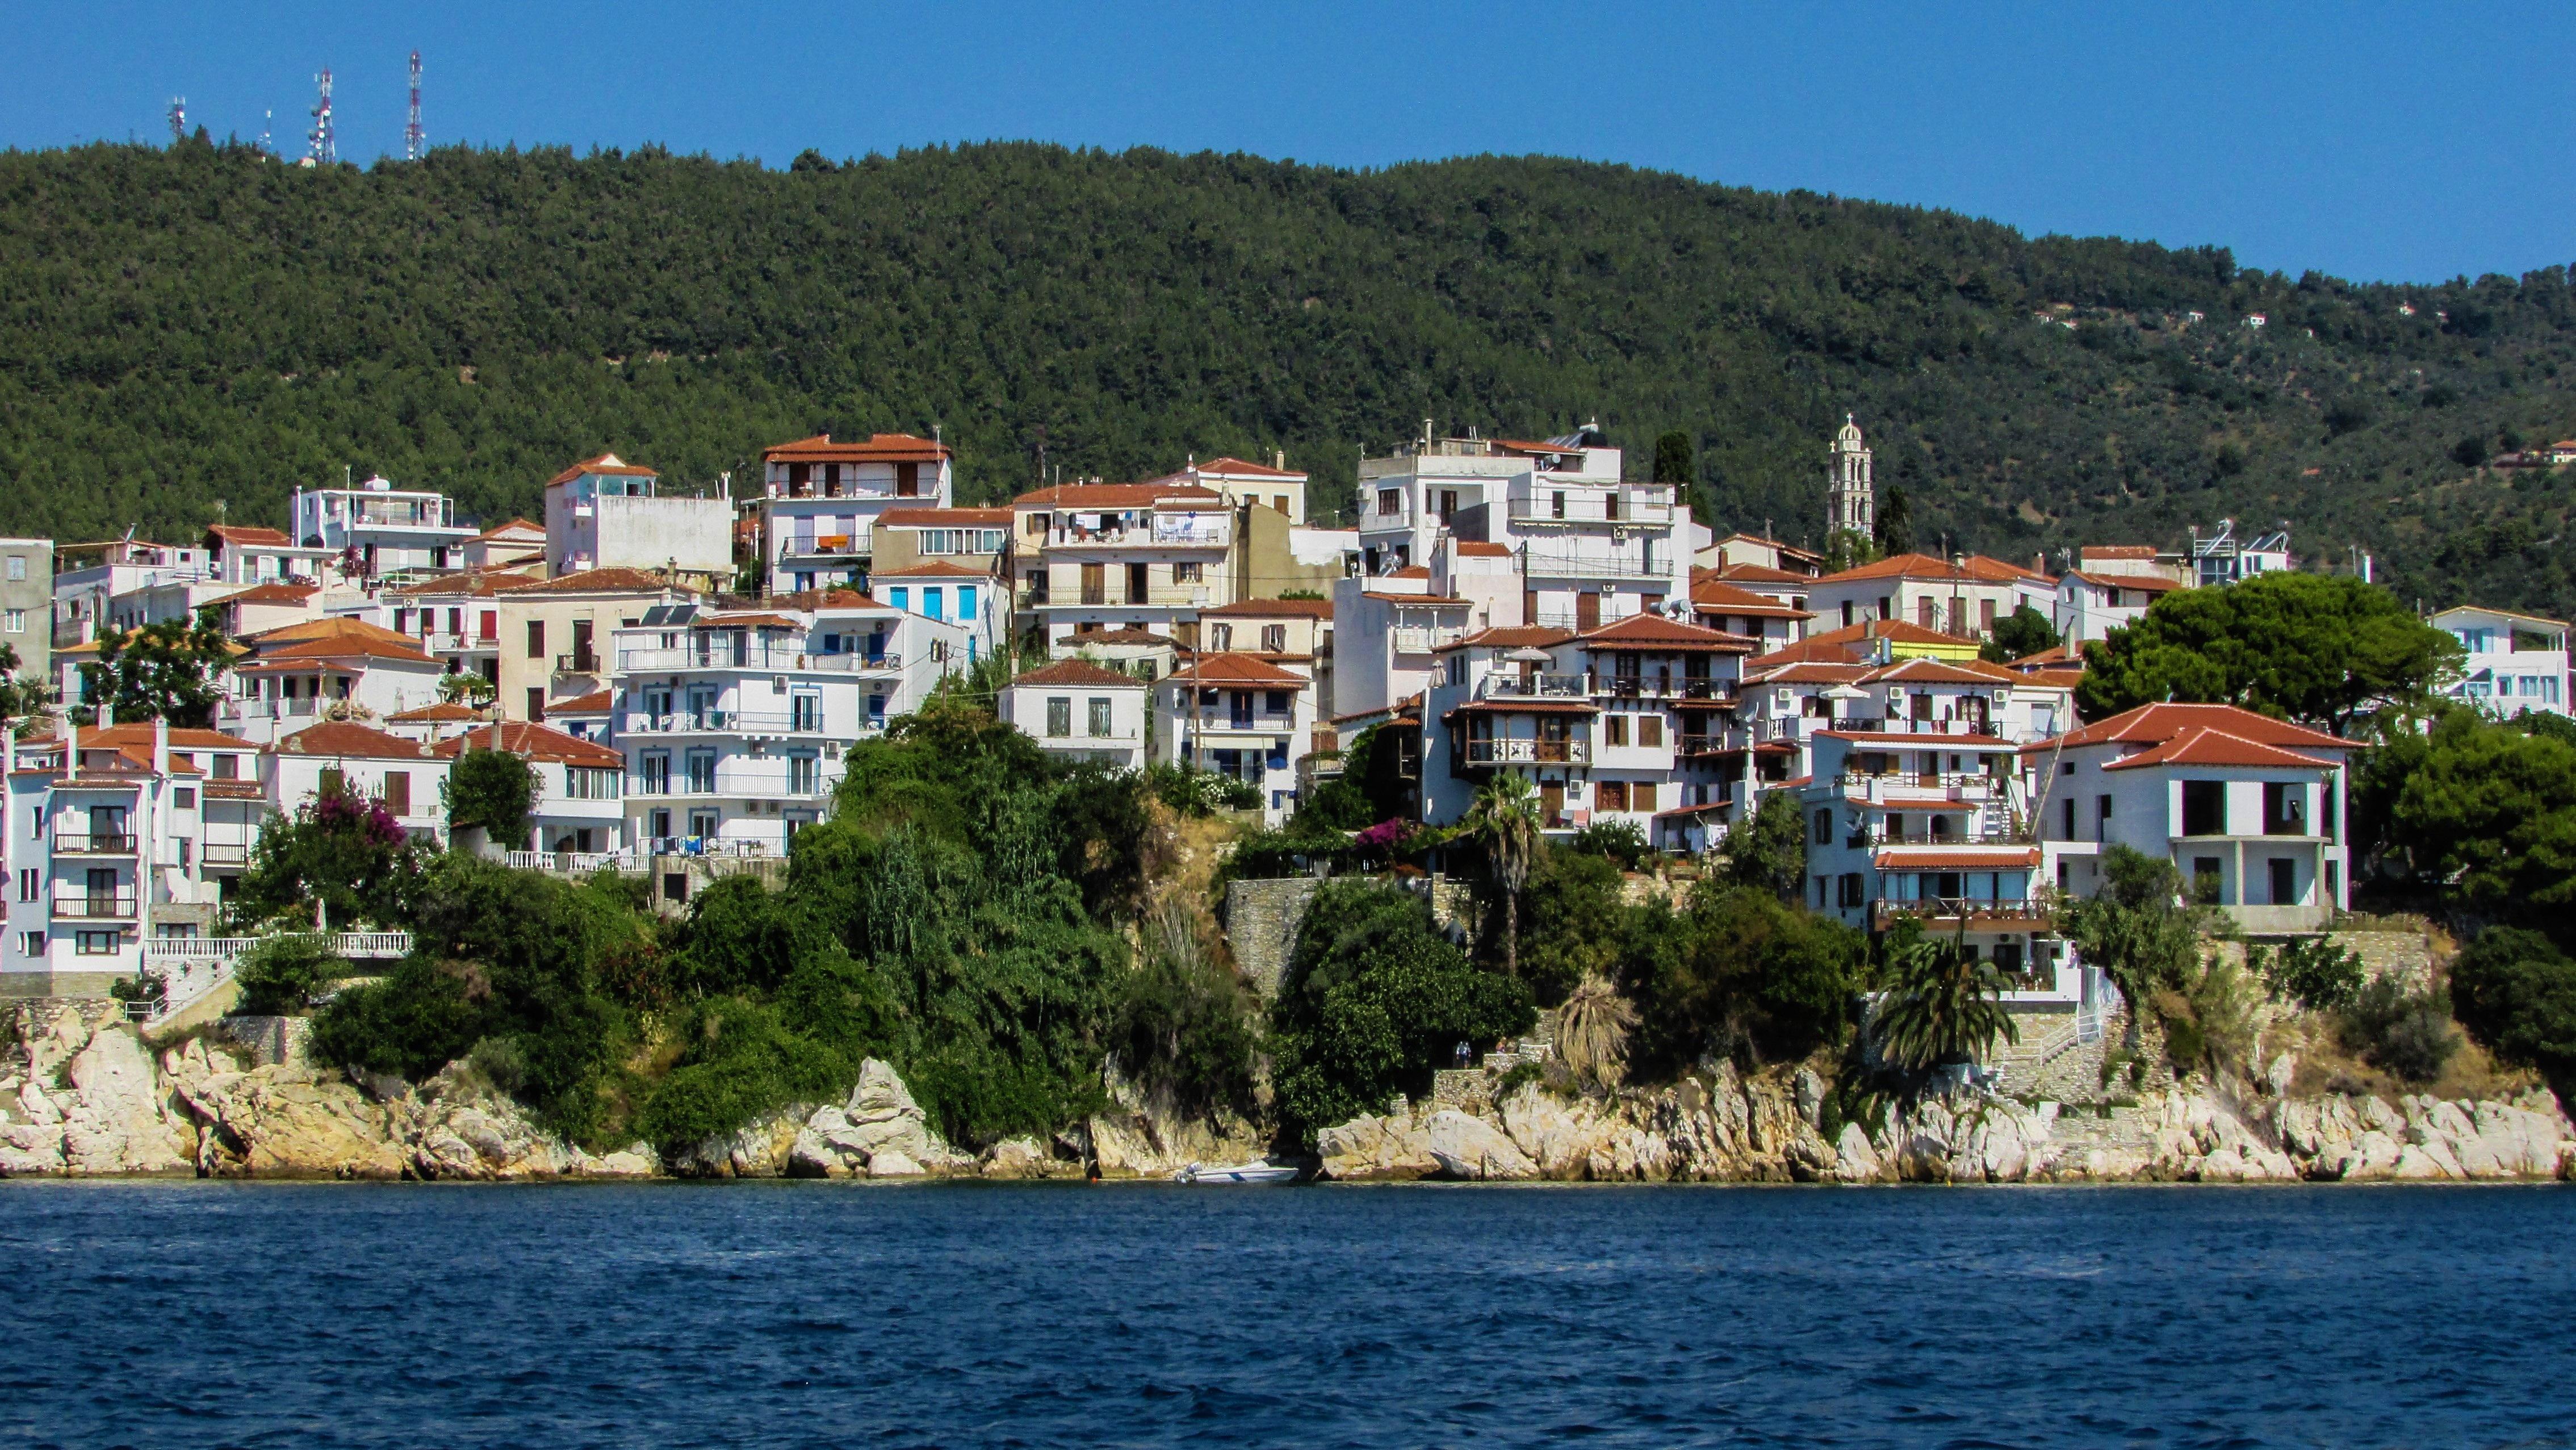 mar costa pueblo verano vacaciones viajar pueblo europa griego mediterrneo baha isla turismo grecia skiathos egeo